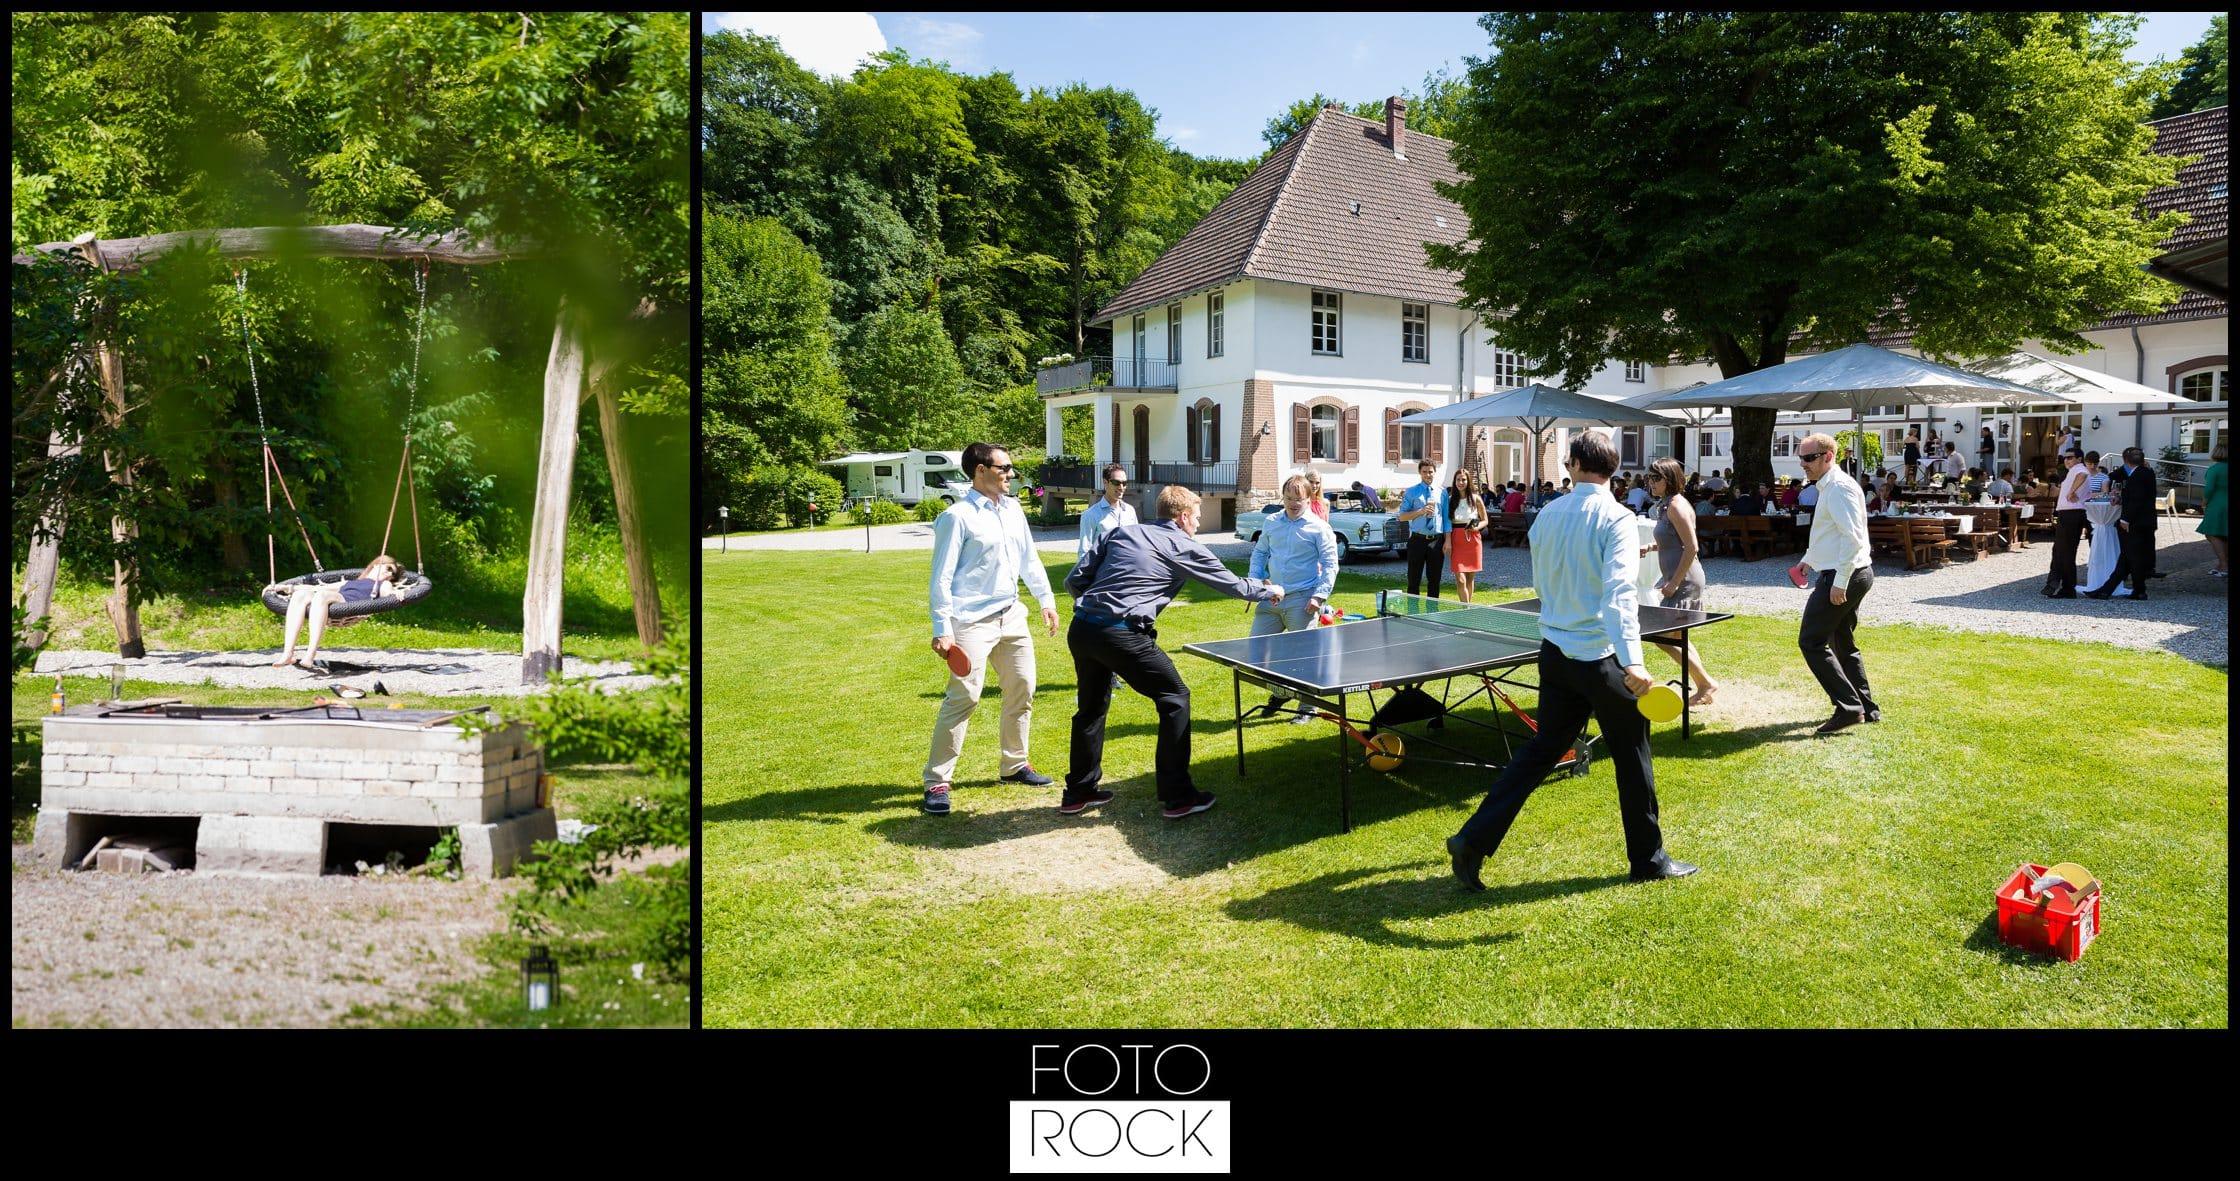 Hochzeit Lilienhof Ihringen Schaukel Tischtennis Gäste